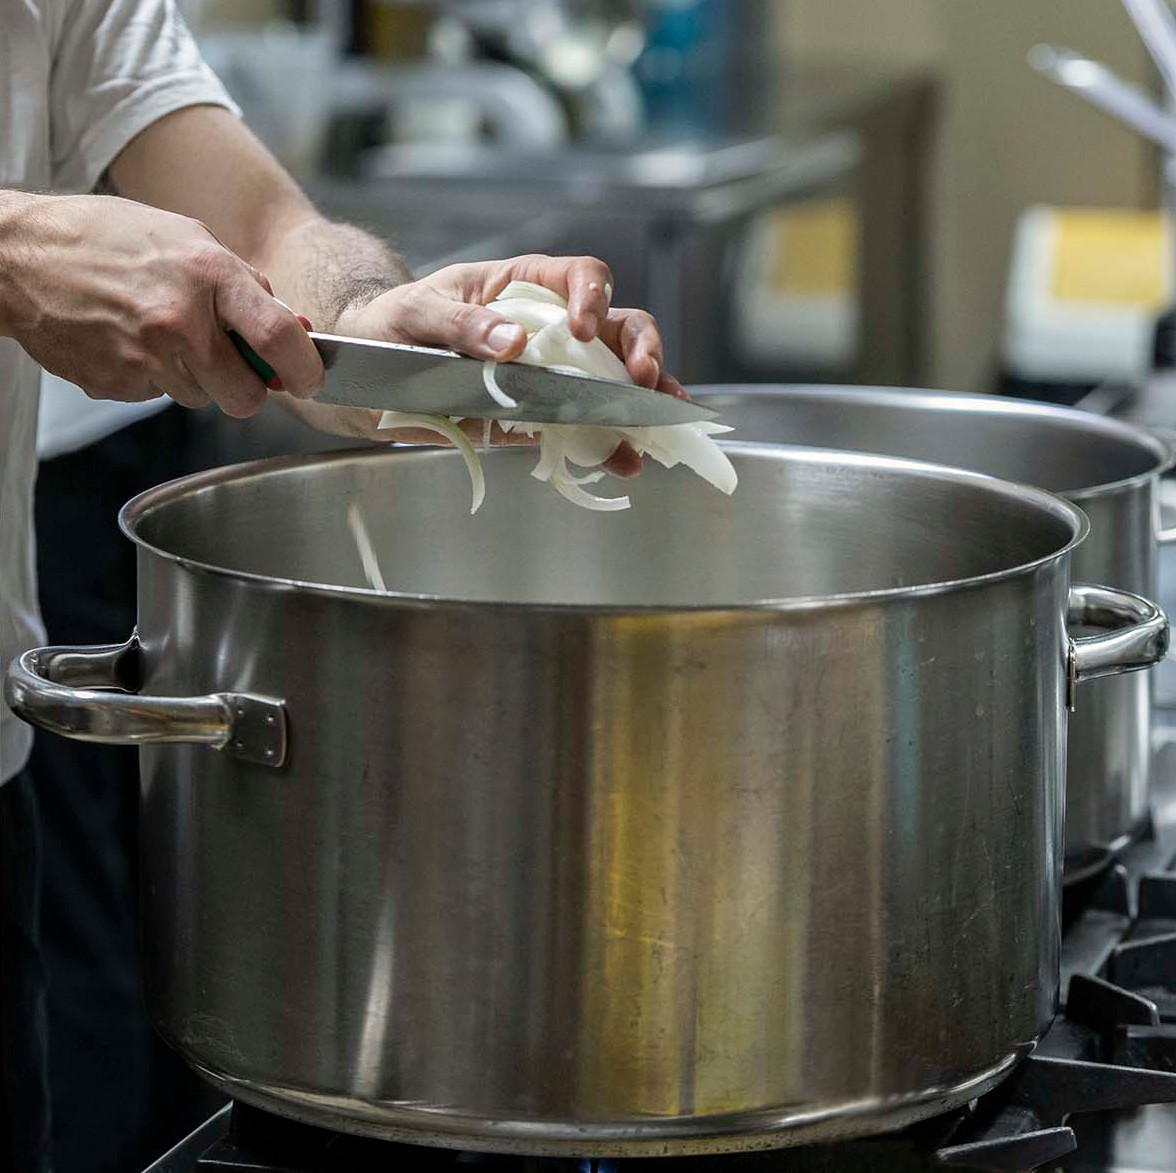 La nostra cucina - La Gattabuia - Matera